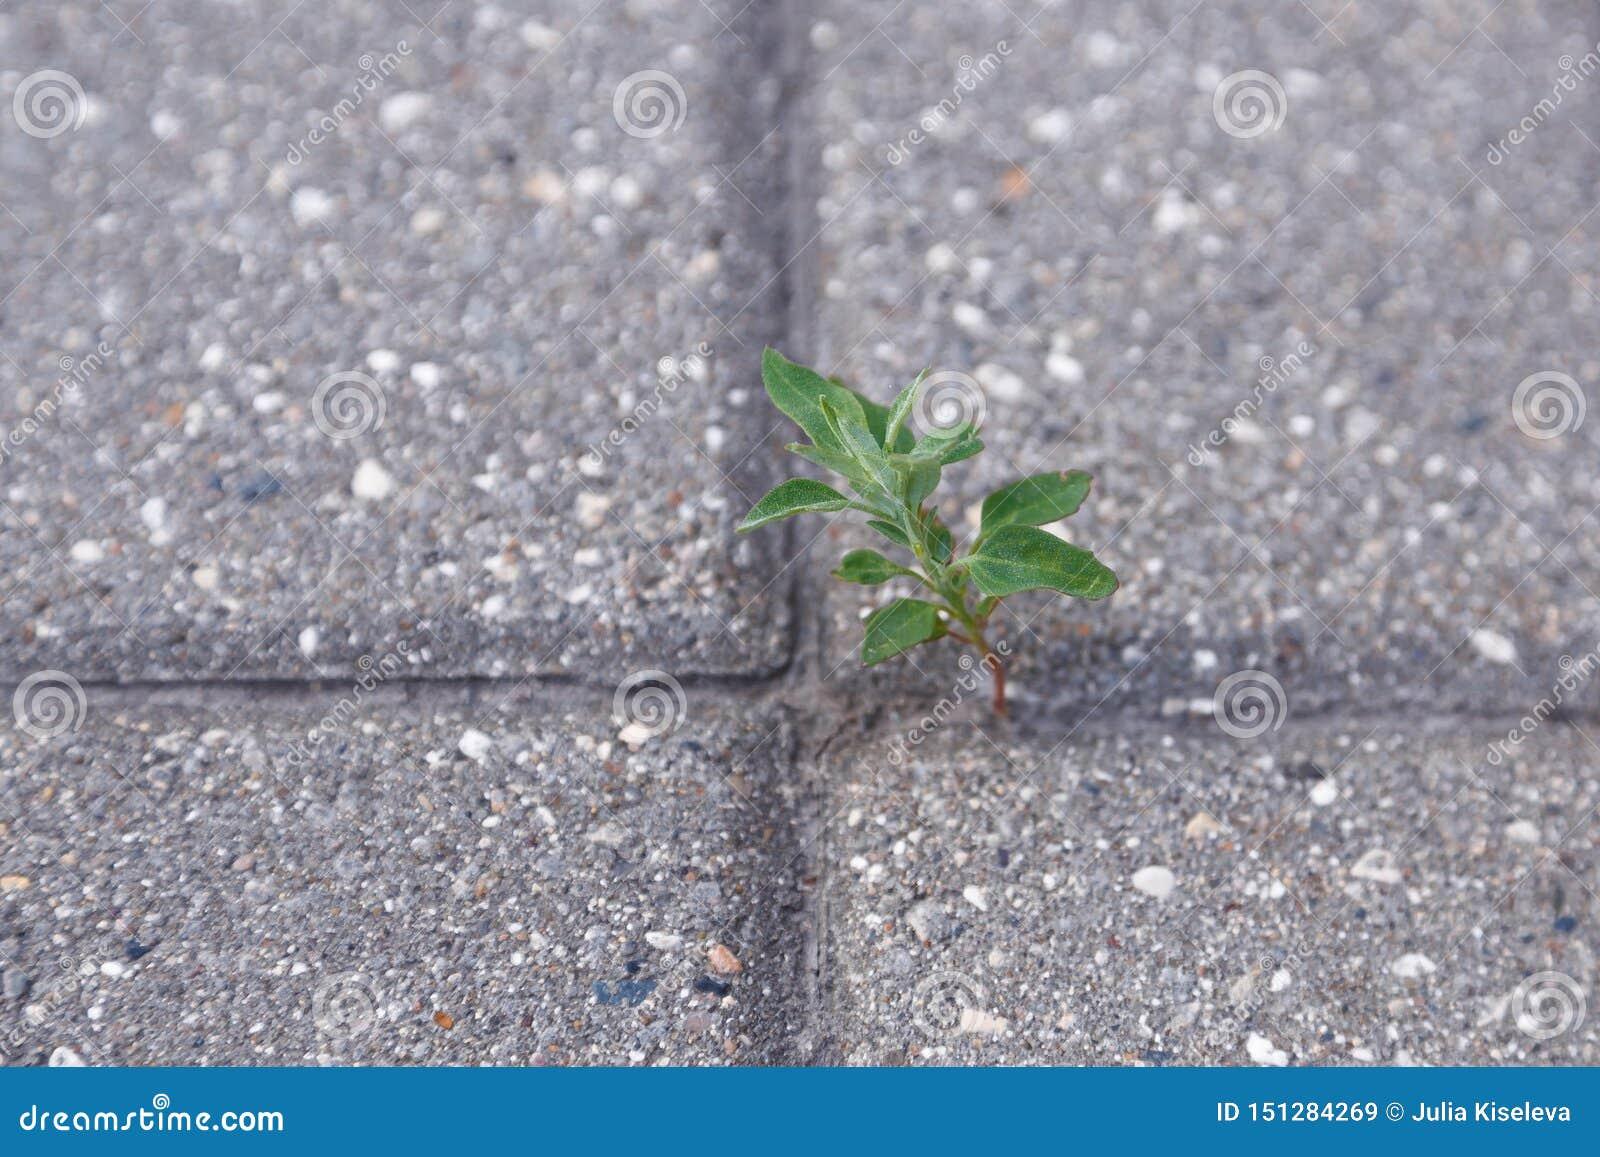 Brotado a través de una flor del bloque de cemento